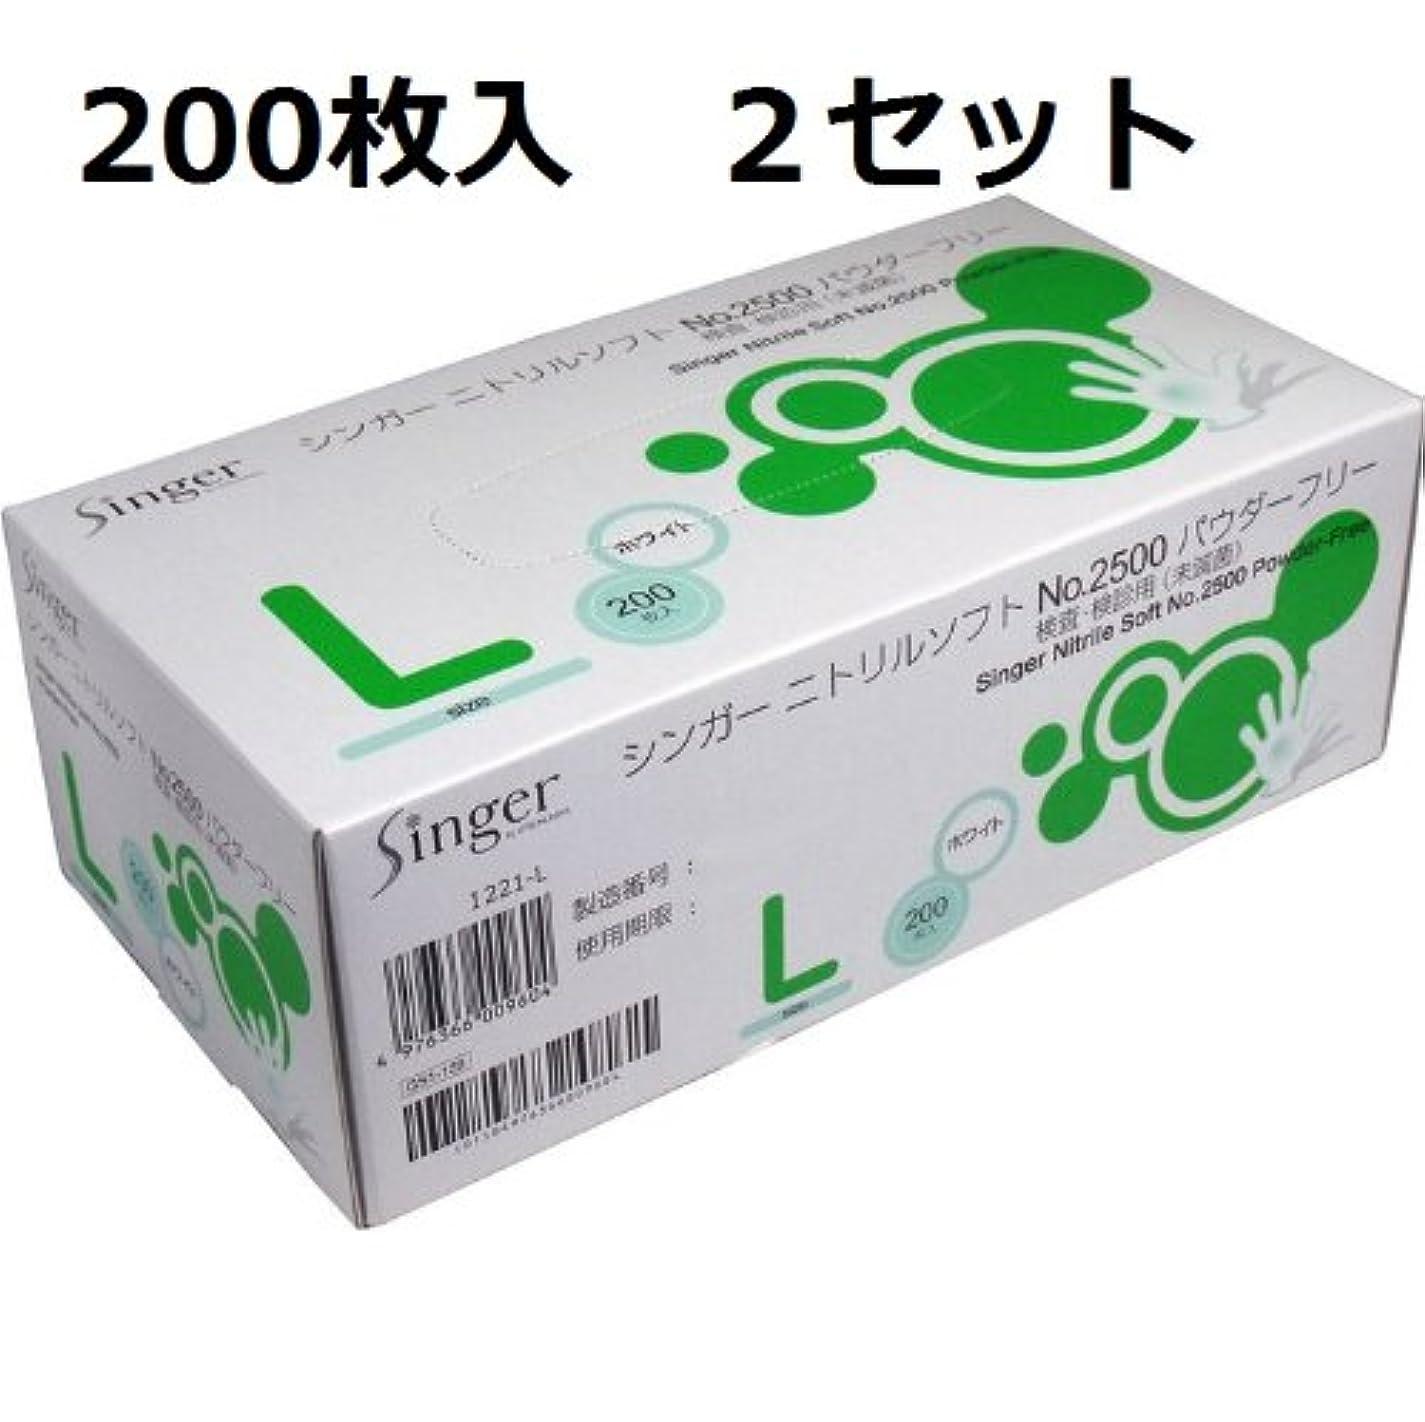 味ピッチファン一般医療機器 非天然ゴム製検査 検診用手袋 Lサイズ 200枚入 2個セット